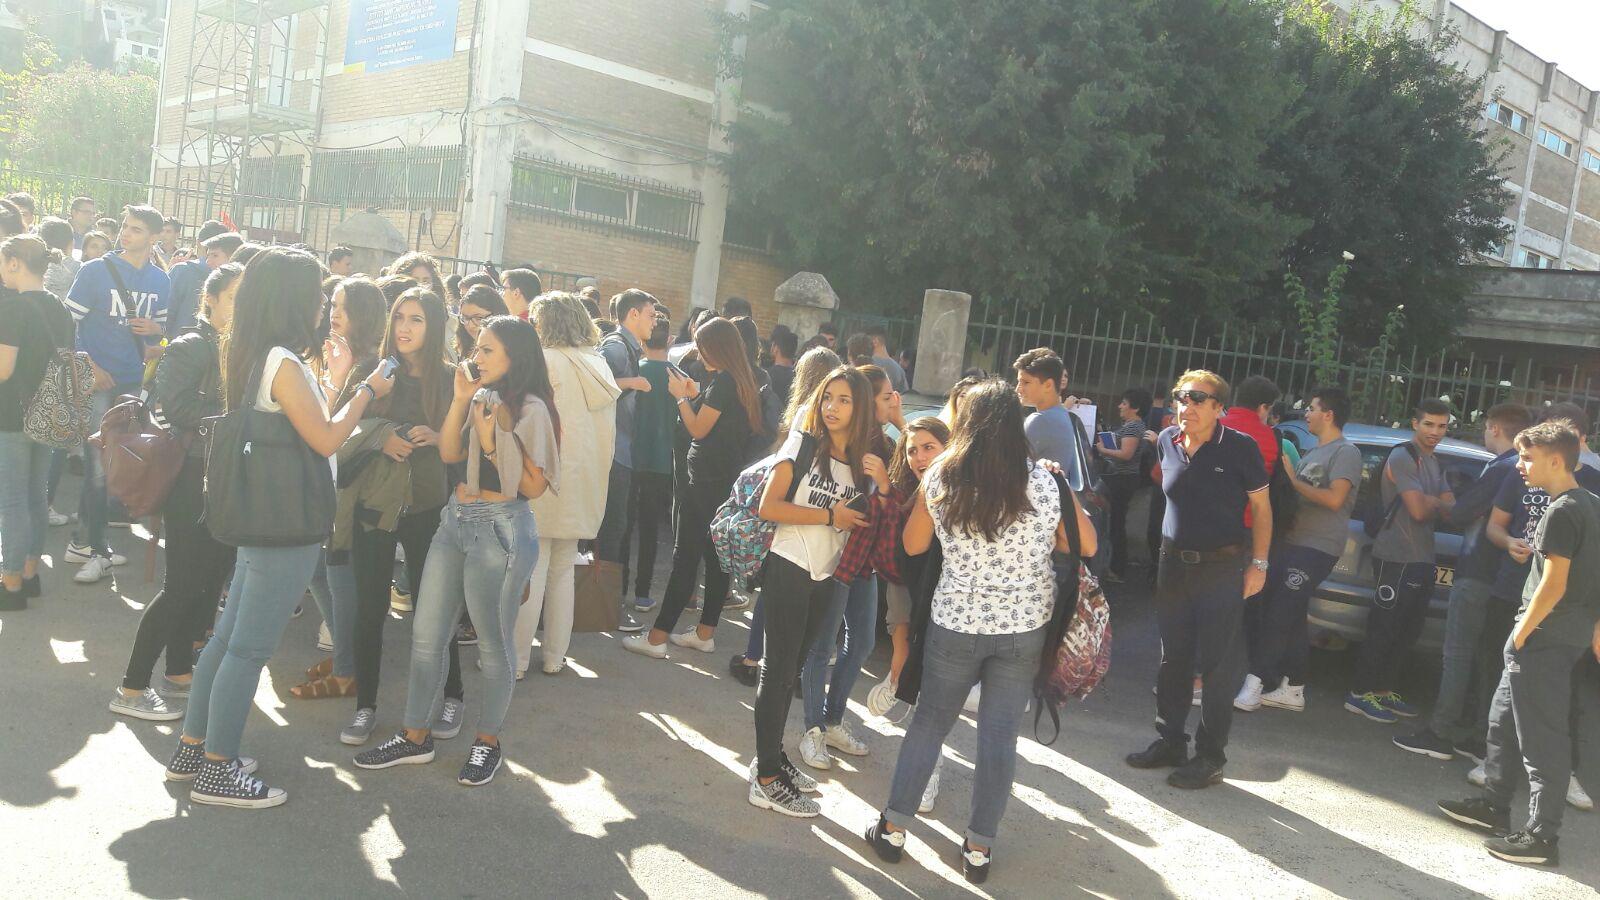 FOTO – Terremoto nel Vibonese, paura tra la gente  Studenti in strada e lezioni sospese nelle scuole